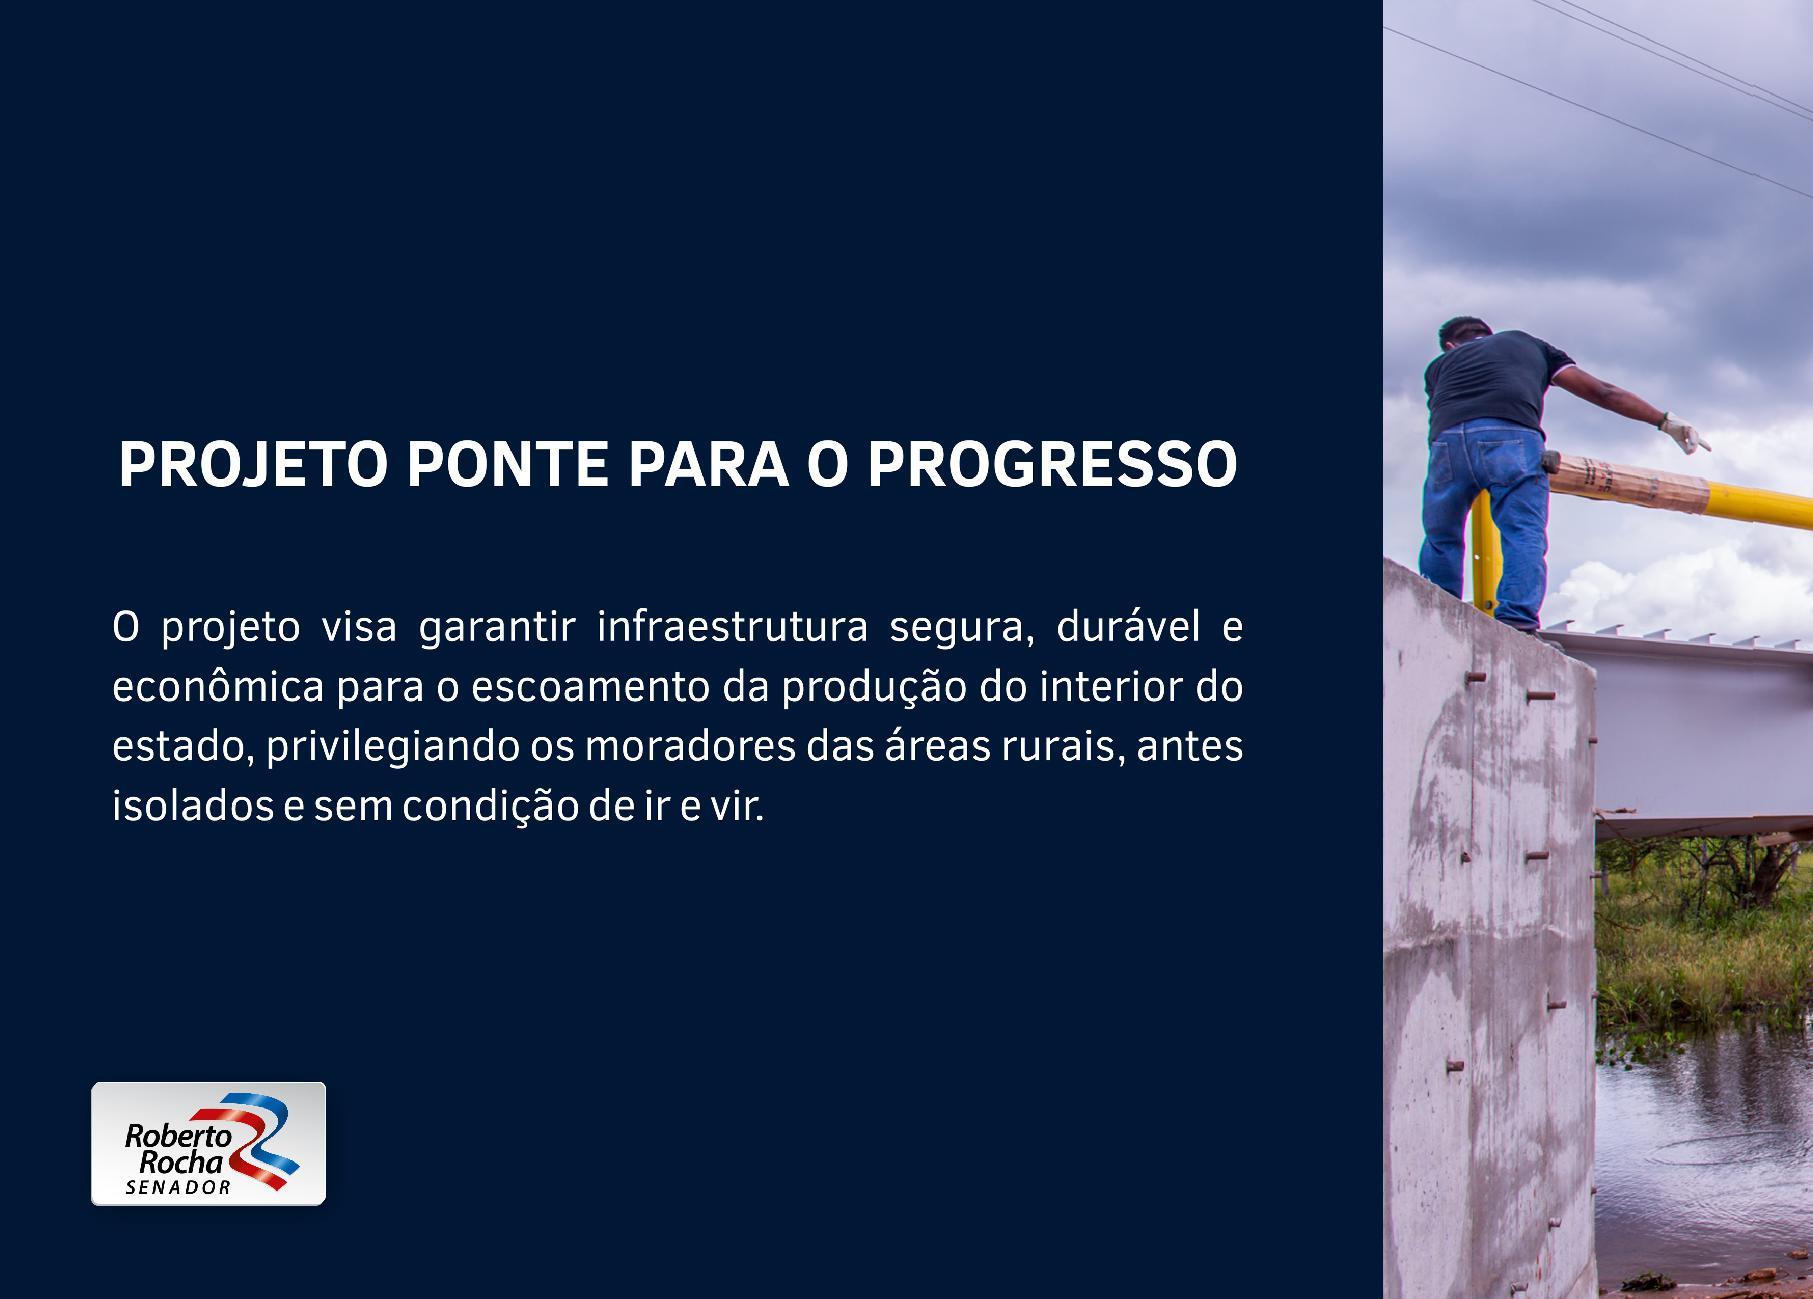 PONTE PARA O PROGRESSO_V206